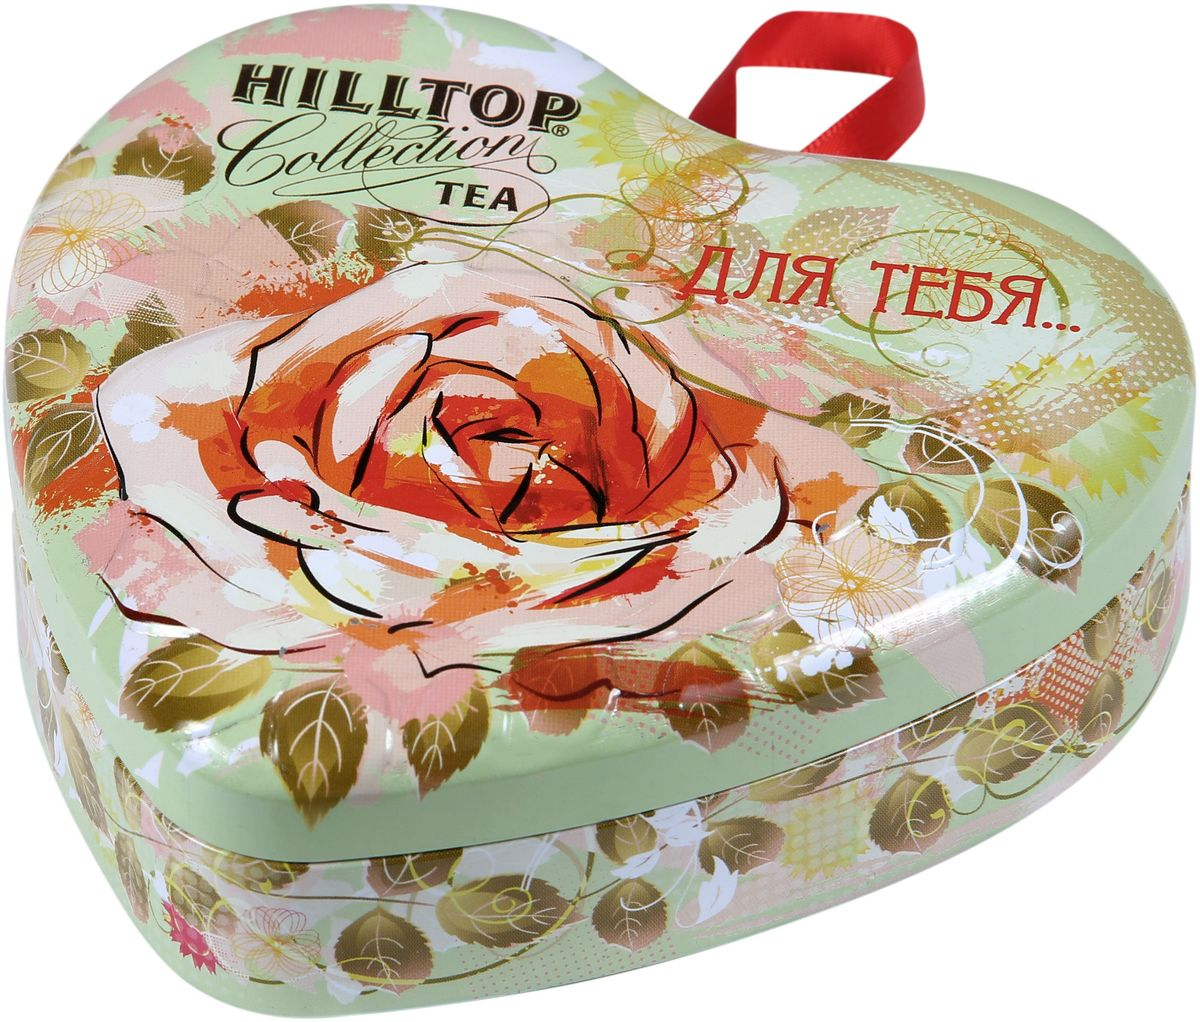 Hilltop Желаю счастья зеленый листовой чай, 50 г hilltop люблю листовой чай молочный оолонг 50 г